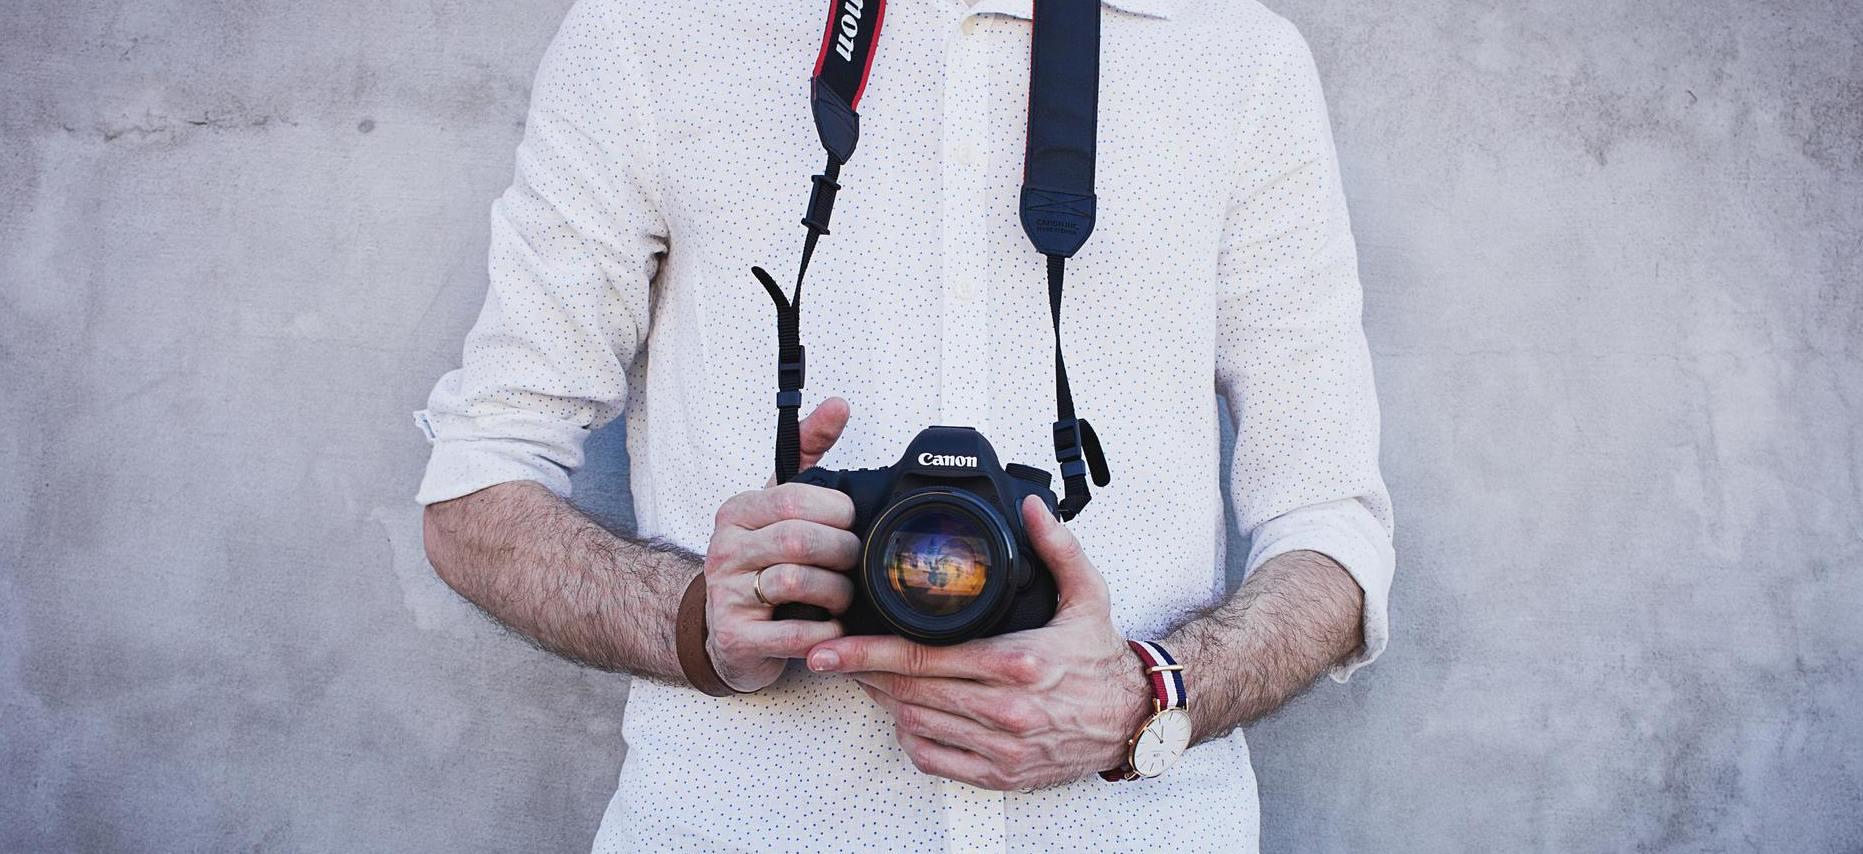 <p>Photographe&nbsp;: comment se faire connaitre&nbsp;?</p>